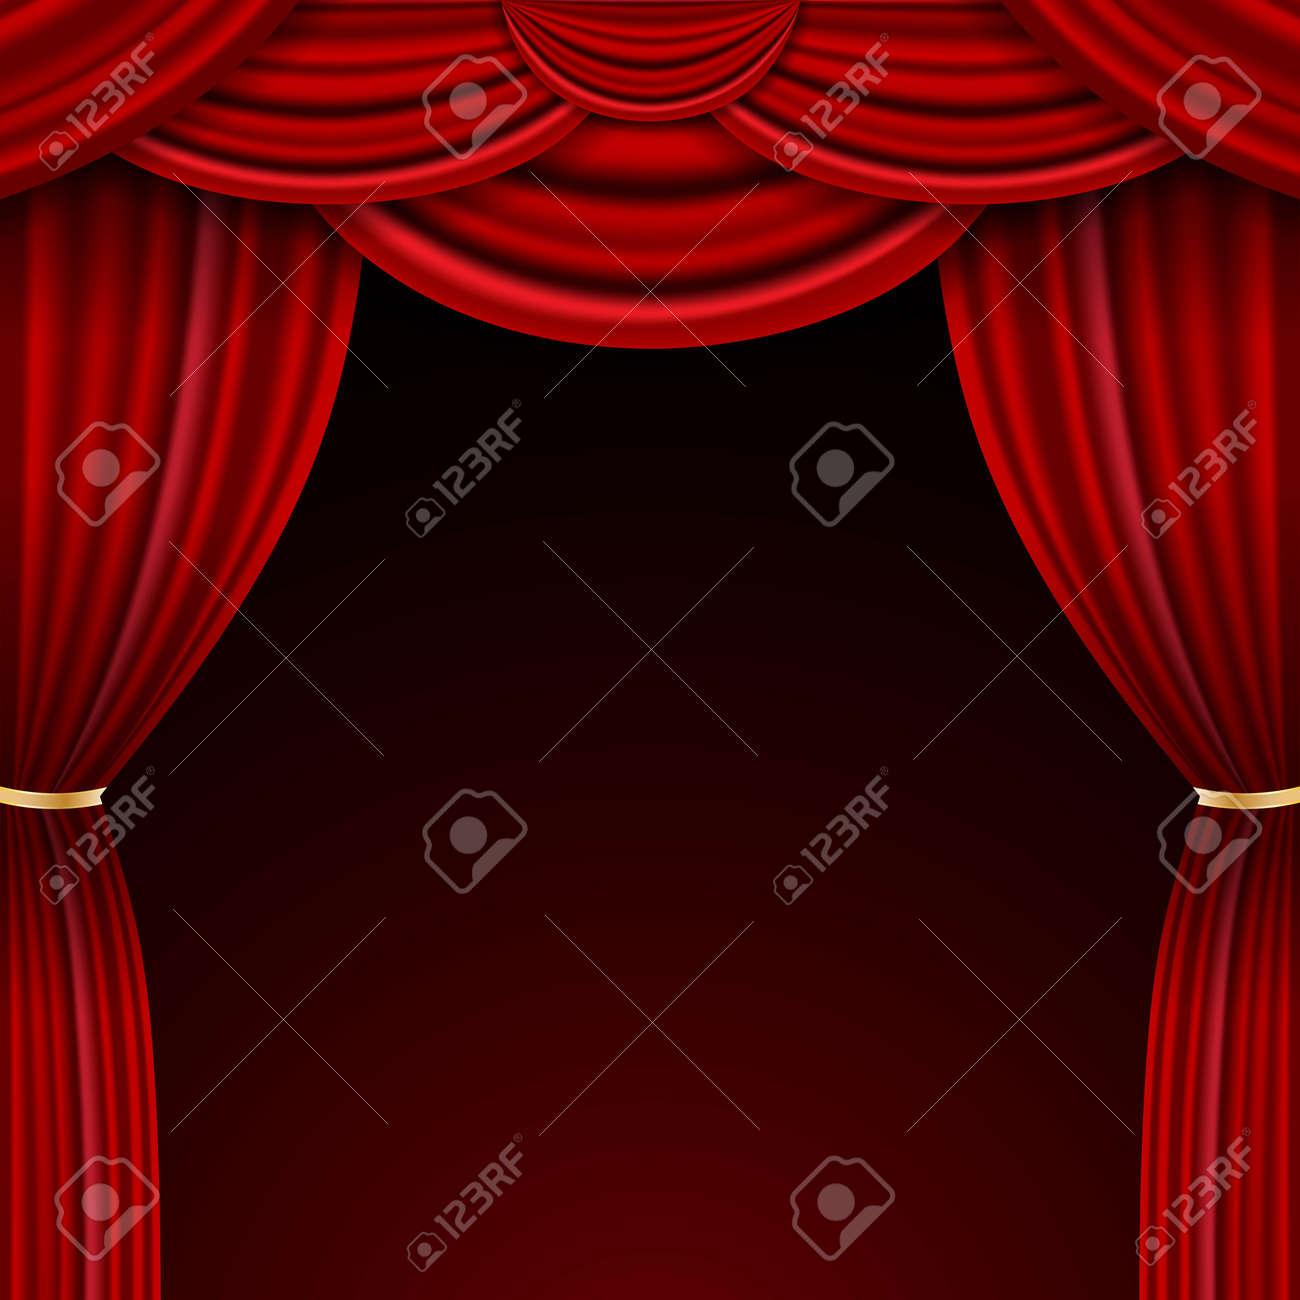 Realistic luxury curtain cornice decor domestic fabric interior drapery textile lambrequin, vector illustration curtains - 154567953